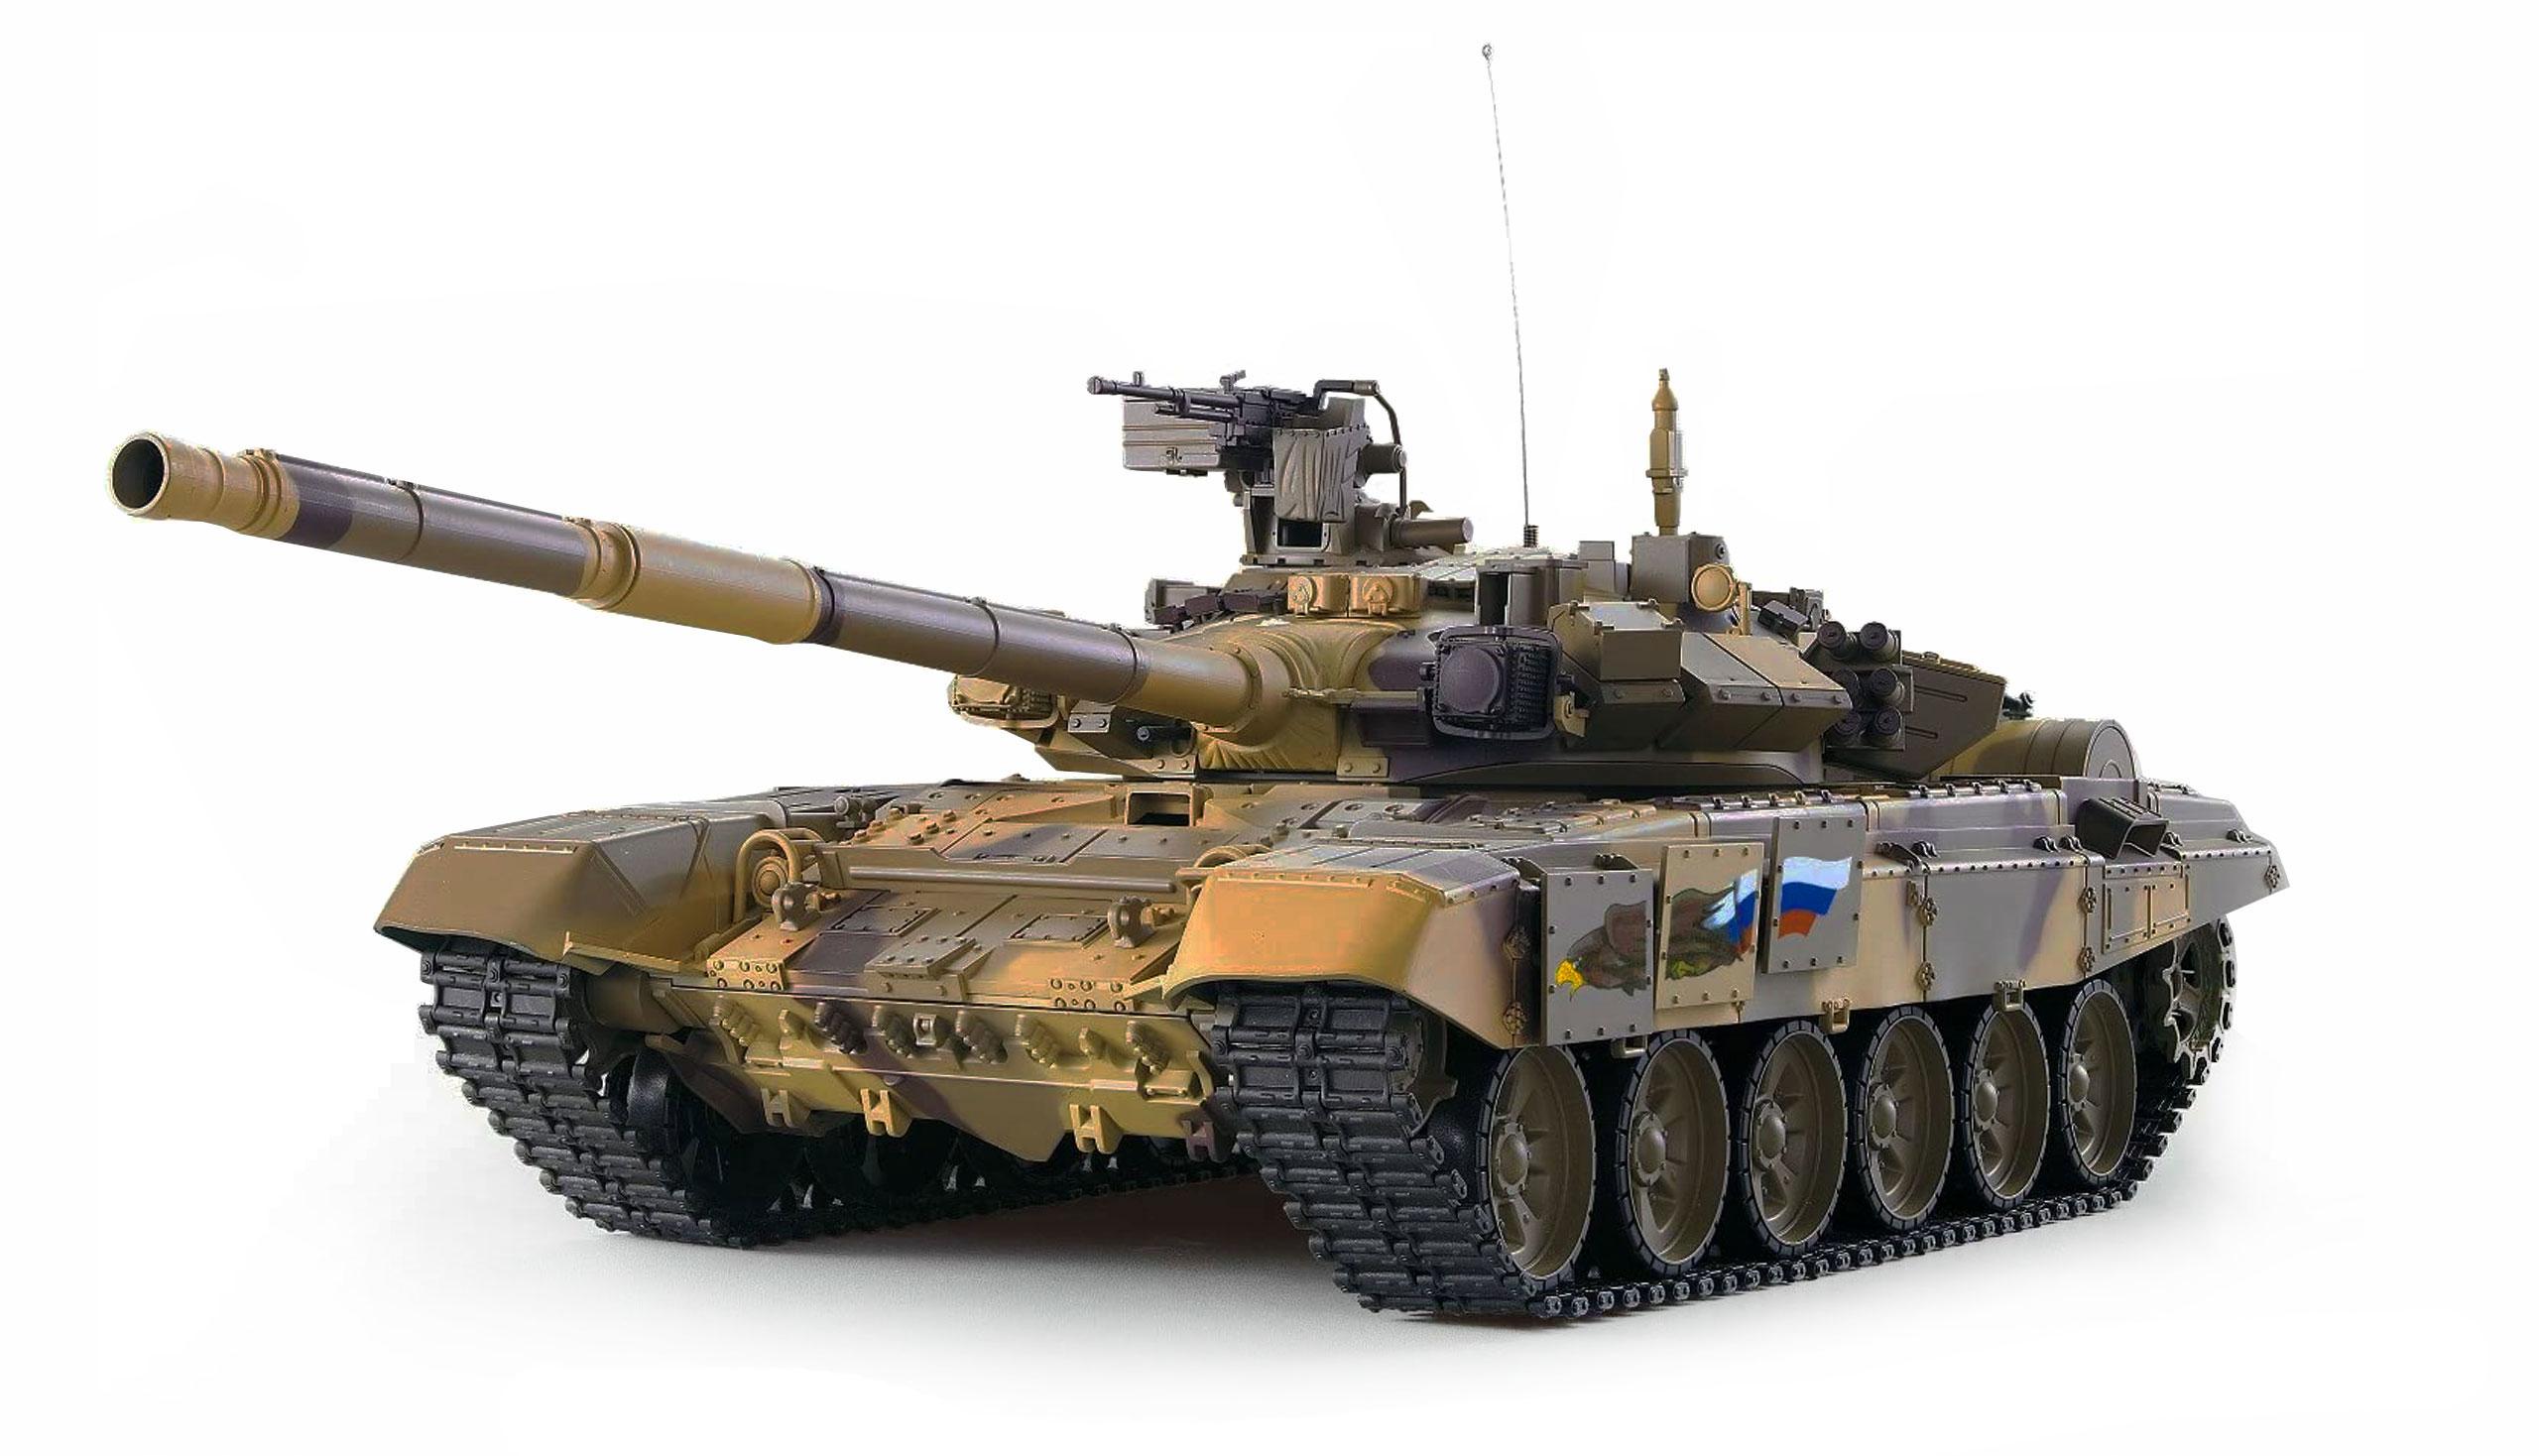 Vorschau: Amewi T-90 - Funkgesteuerter (RC) Panzer - Elektromotor - 1:16 - Betriebsbereit (RTR) - Junge - 14 Jahr(e)